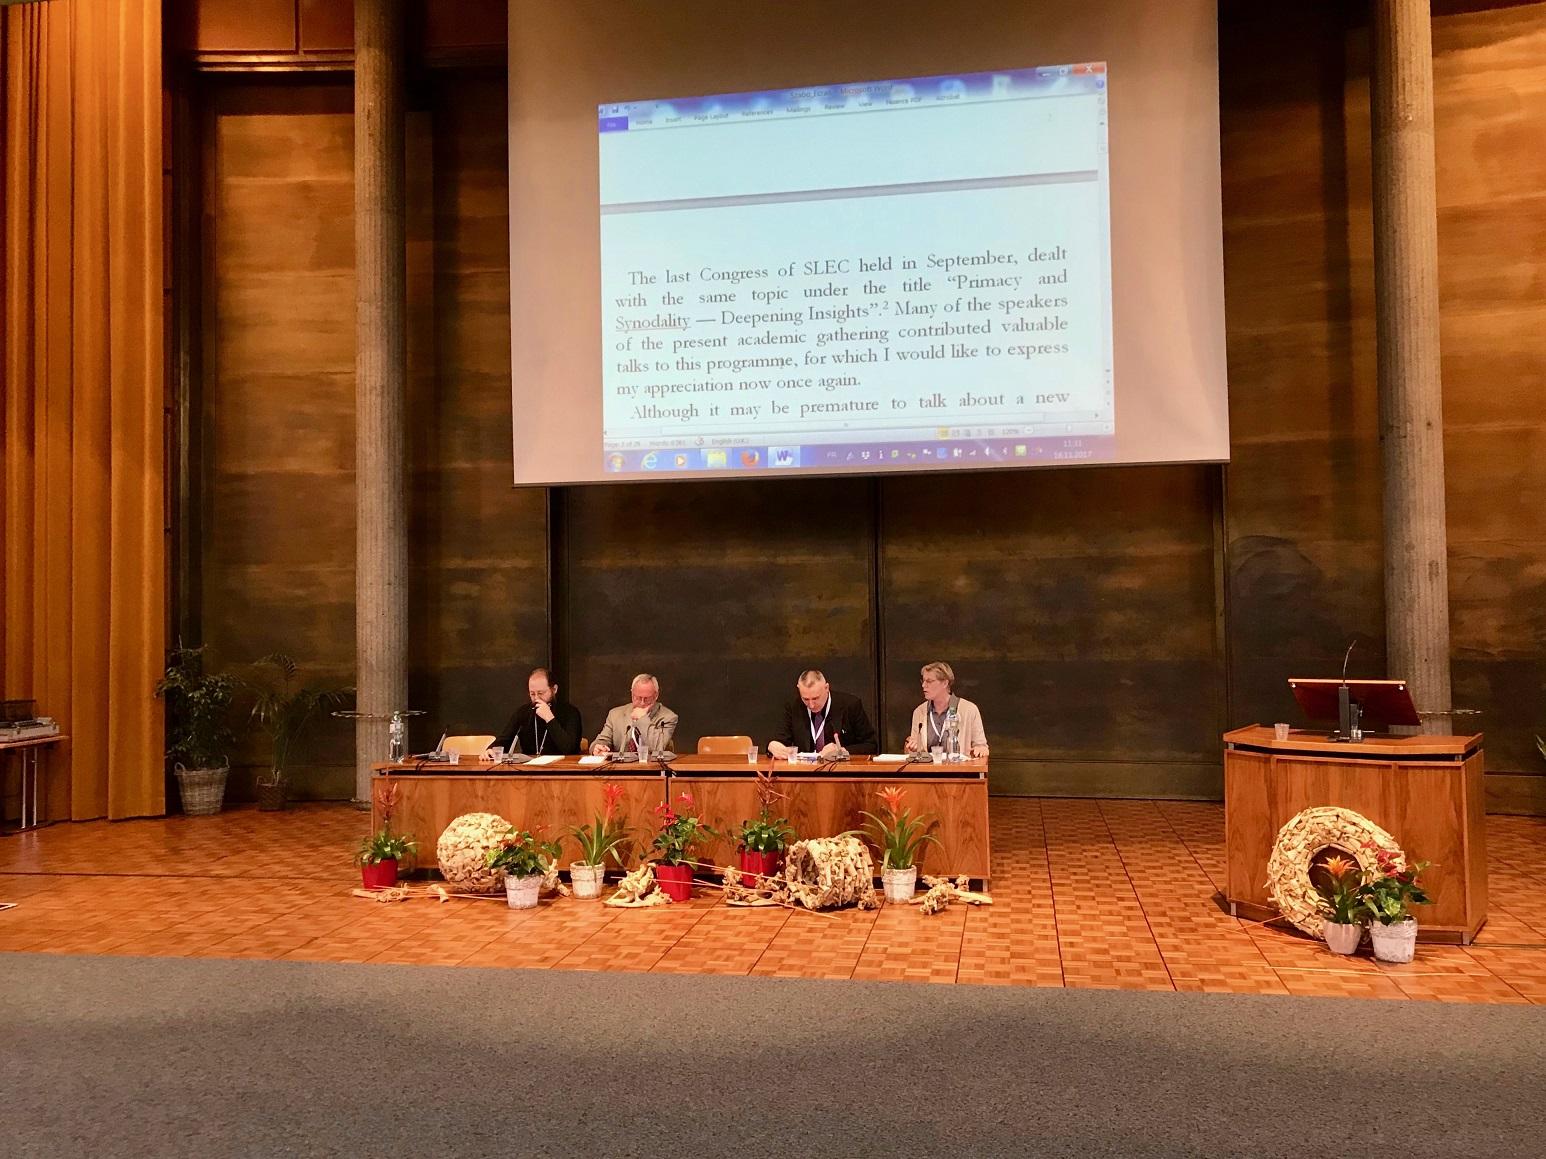 Διεθνές Θεολογικό Συνέδριο στο Fribourg με θέμα τη Συνοδικότητα